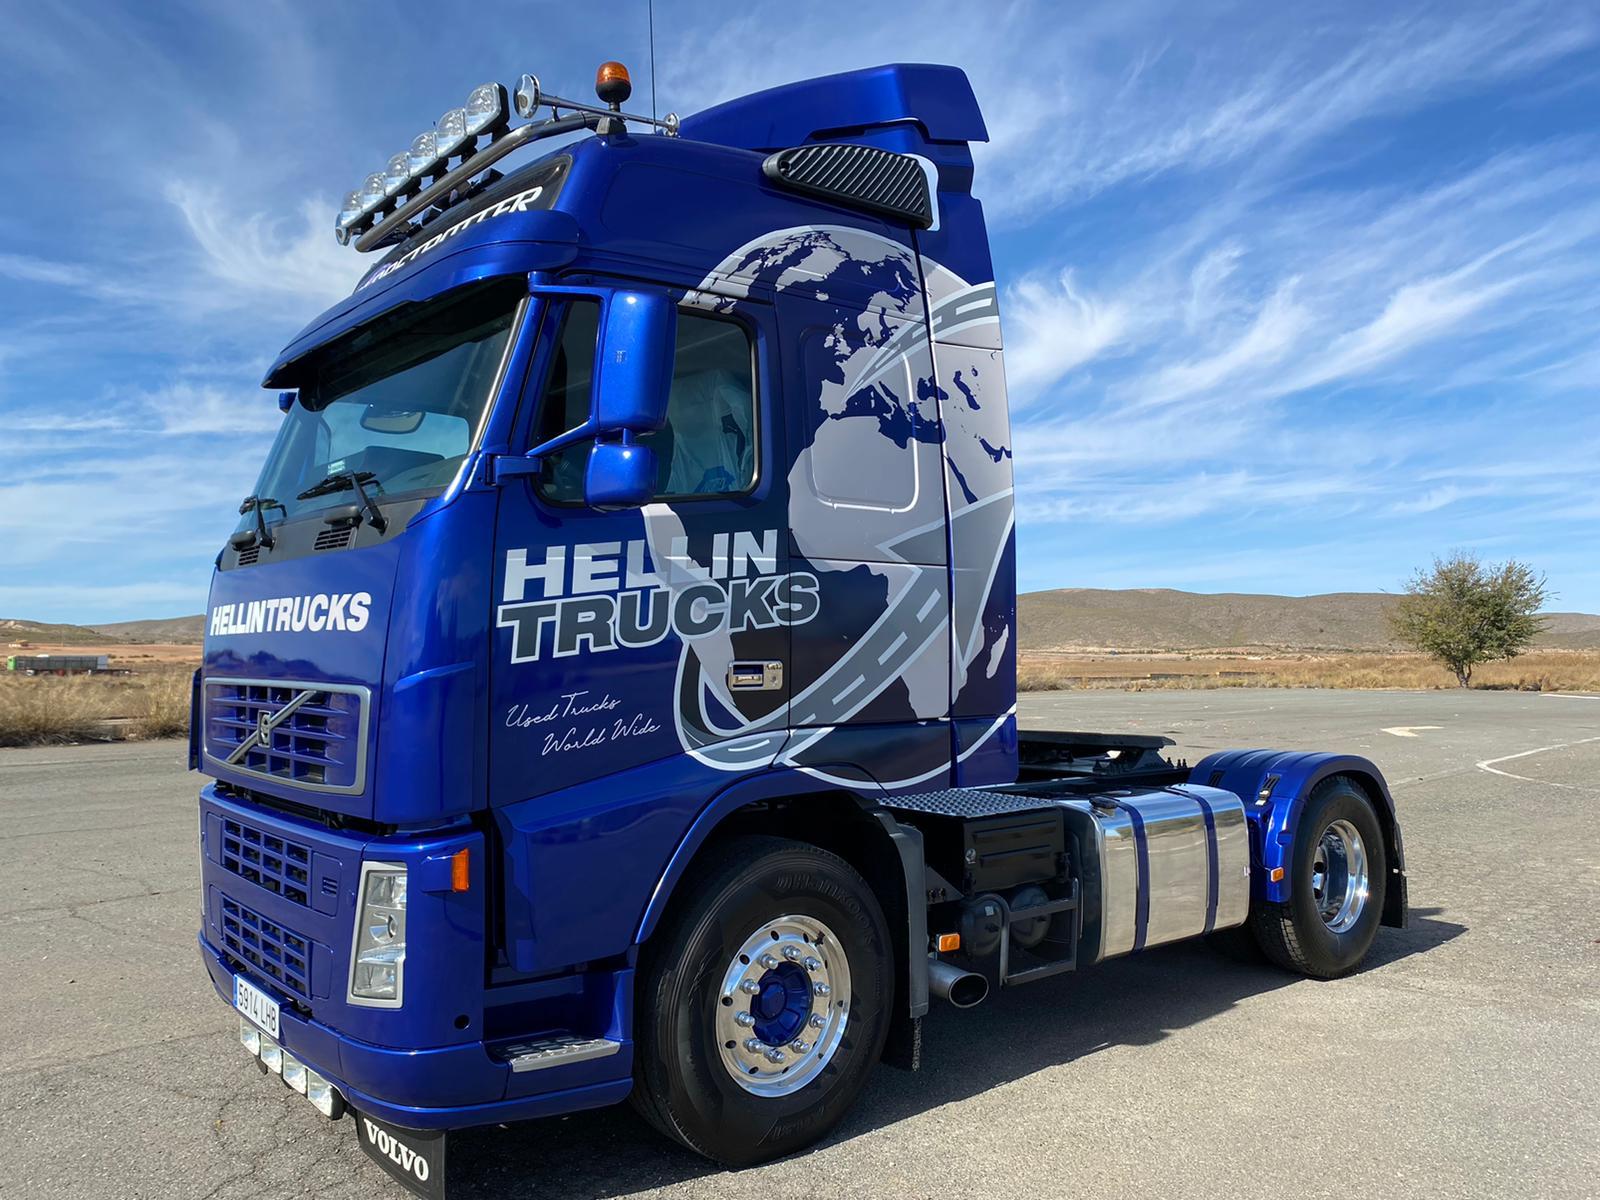 camion diseño gráfico imprenta gran formato